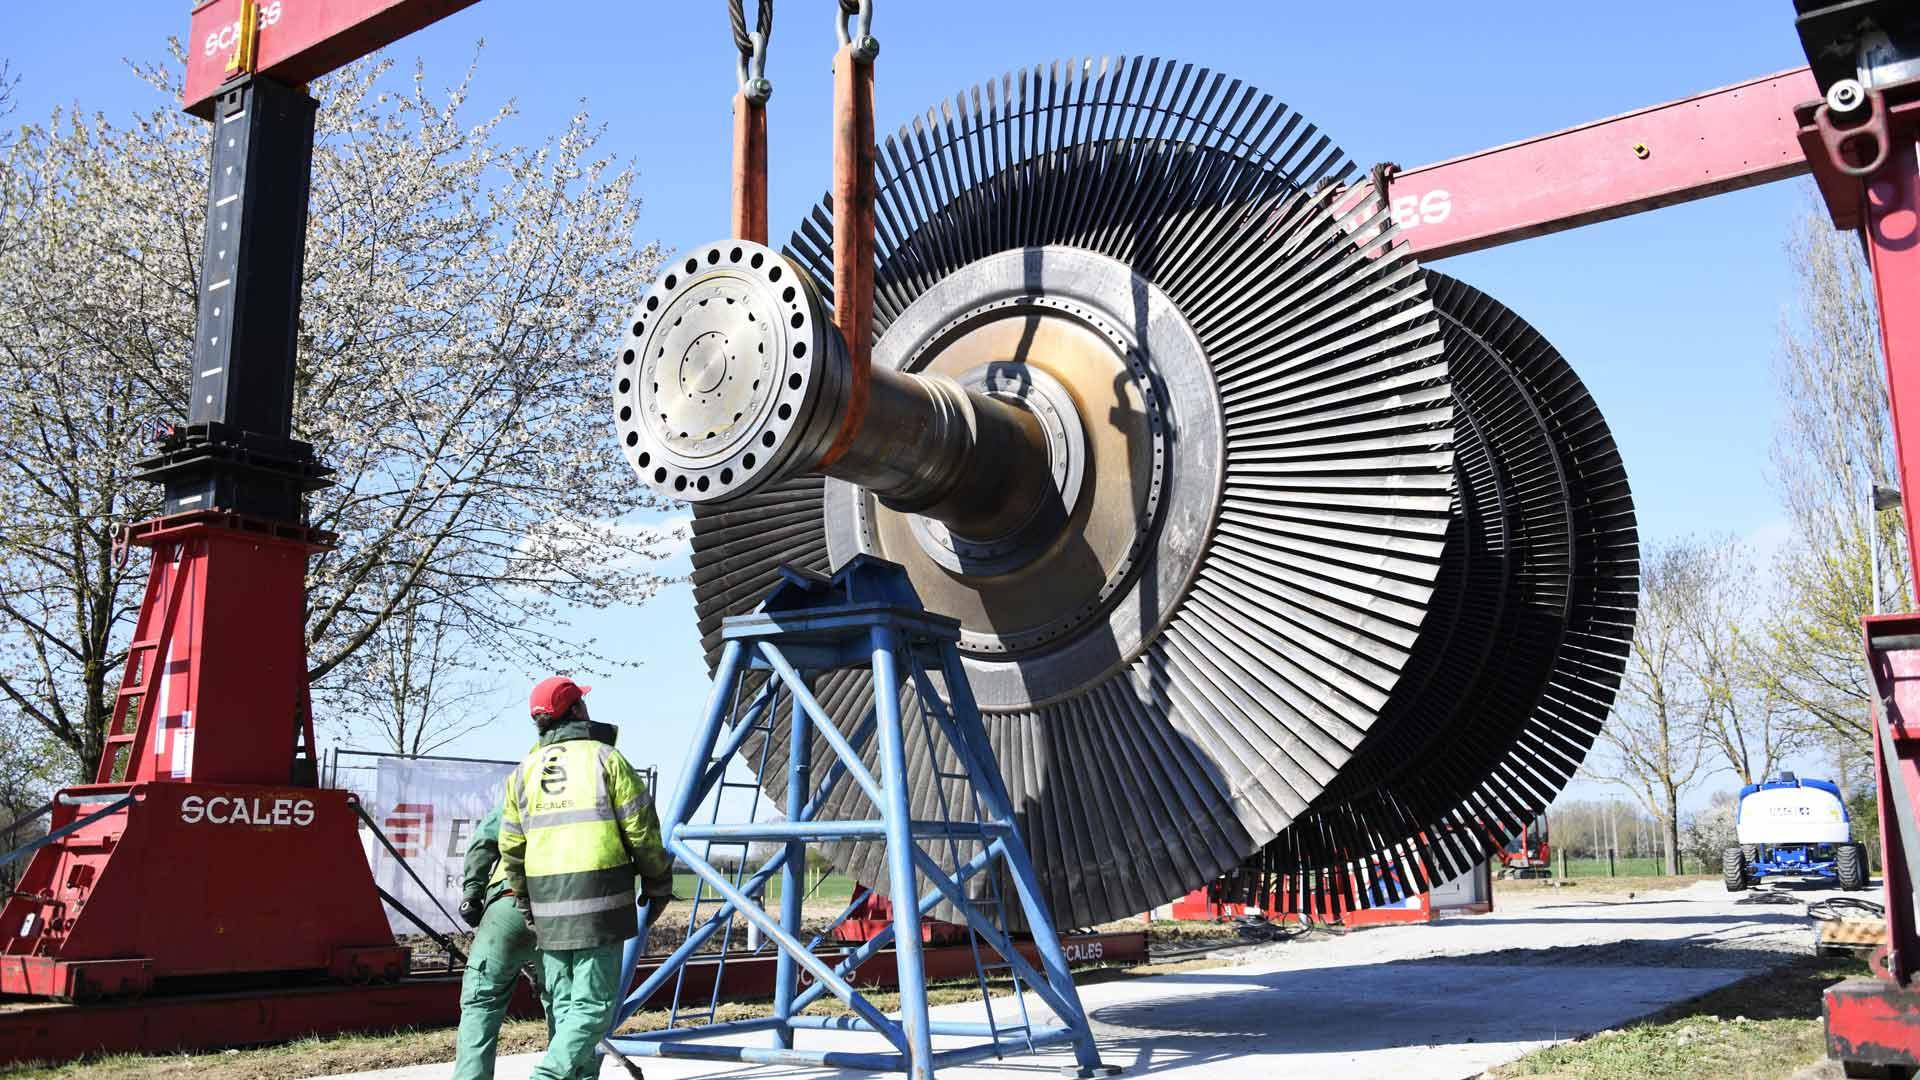 Electropolis un colosse au musée, installé dans le jardin des énergies du musée